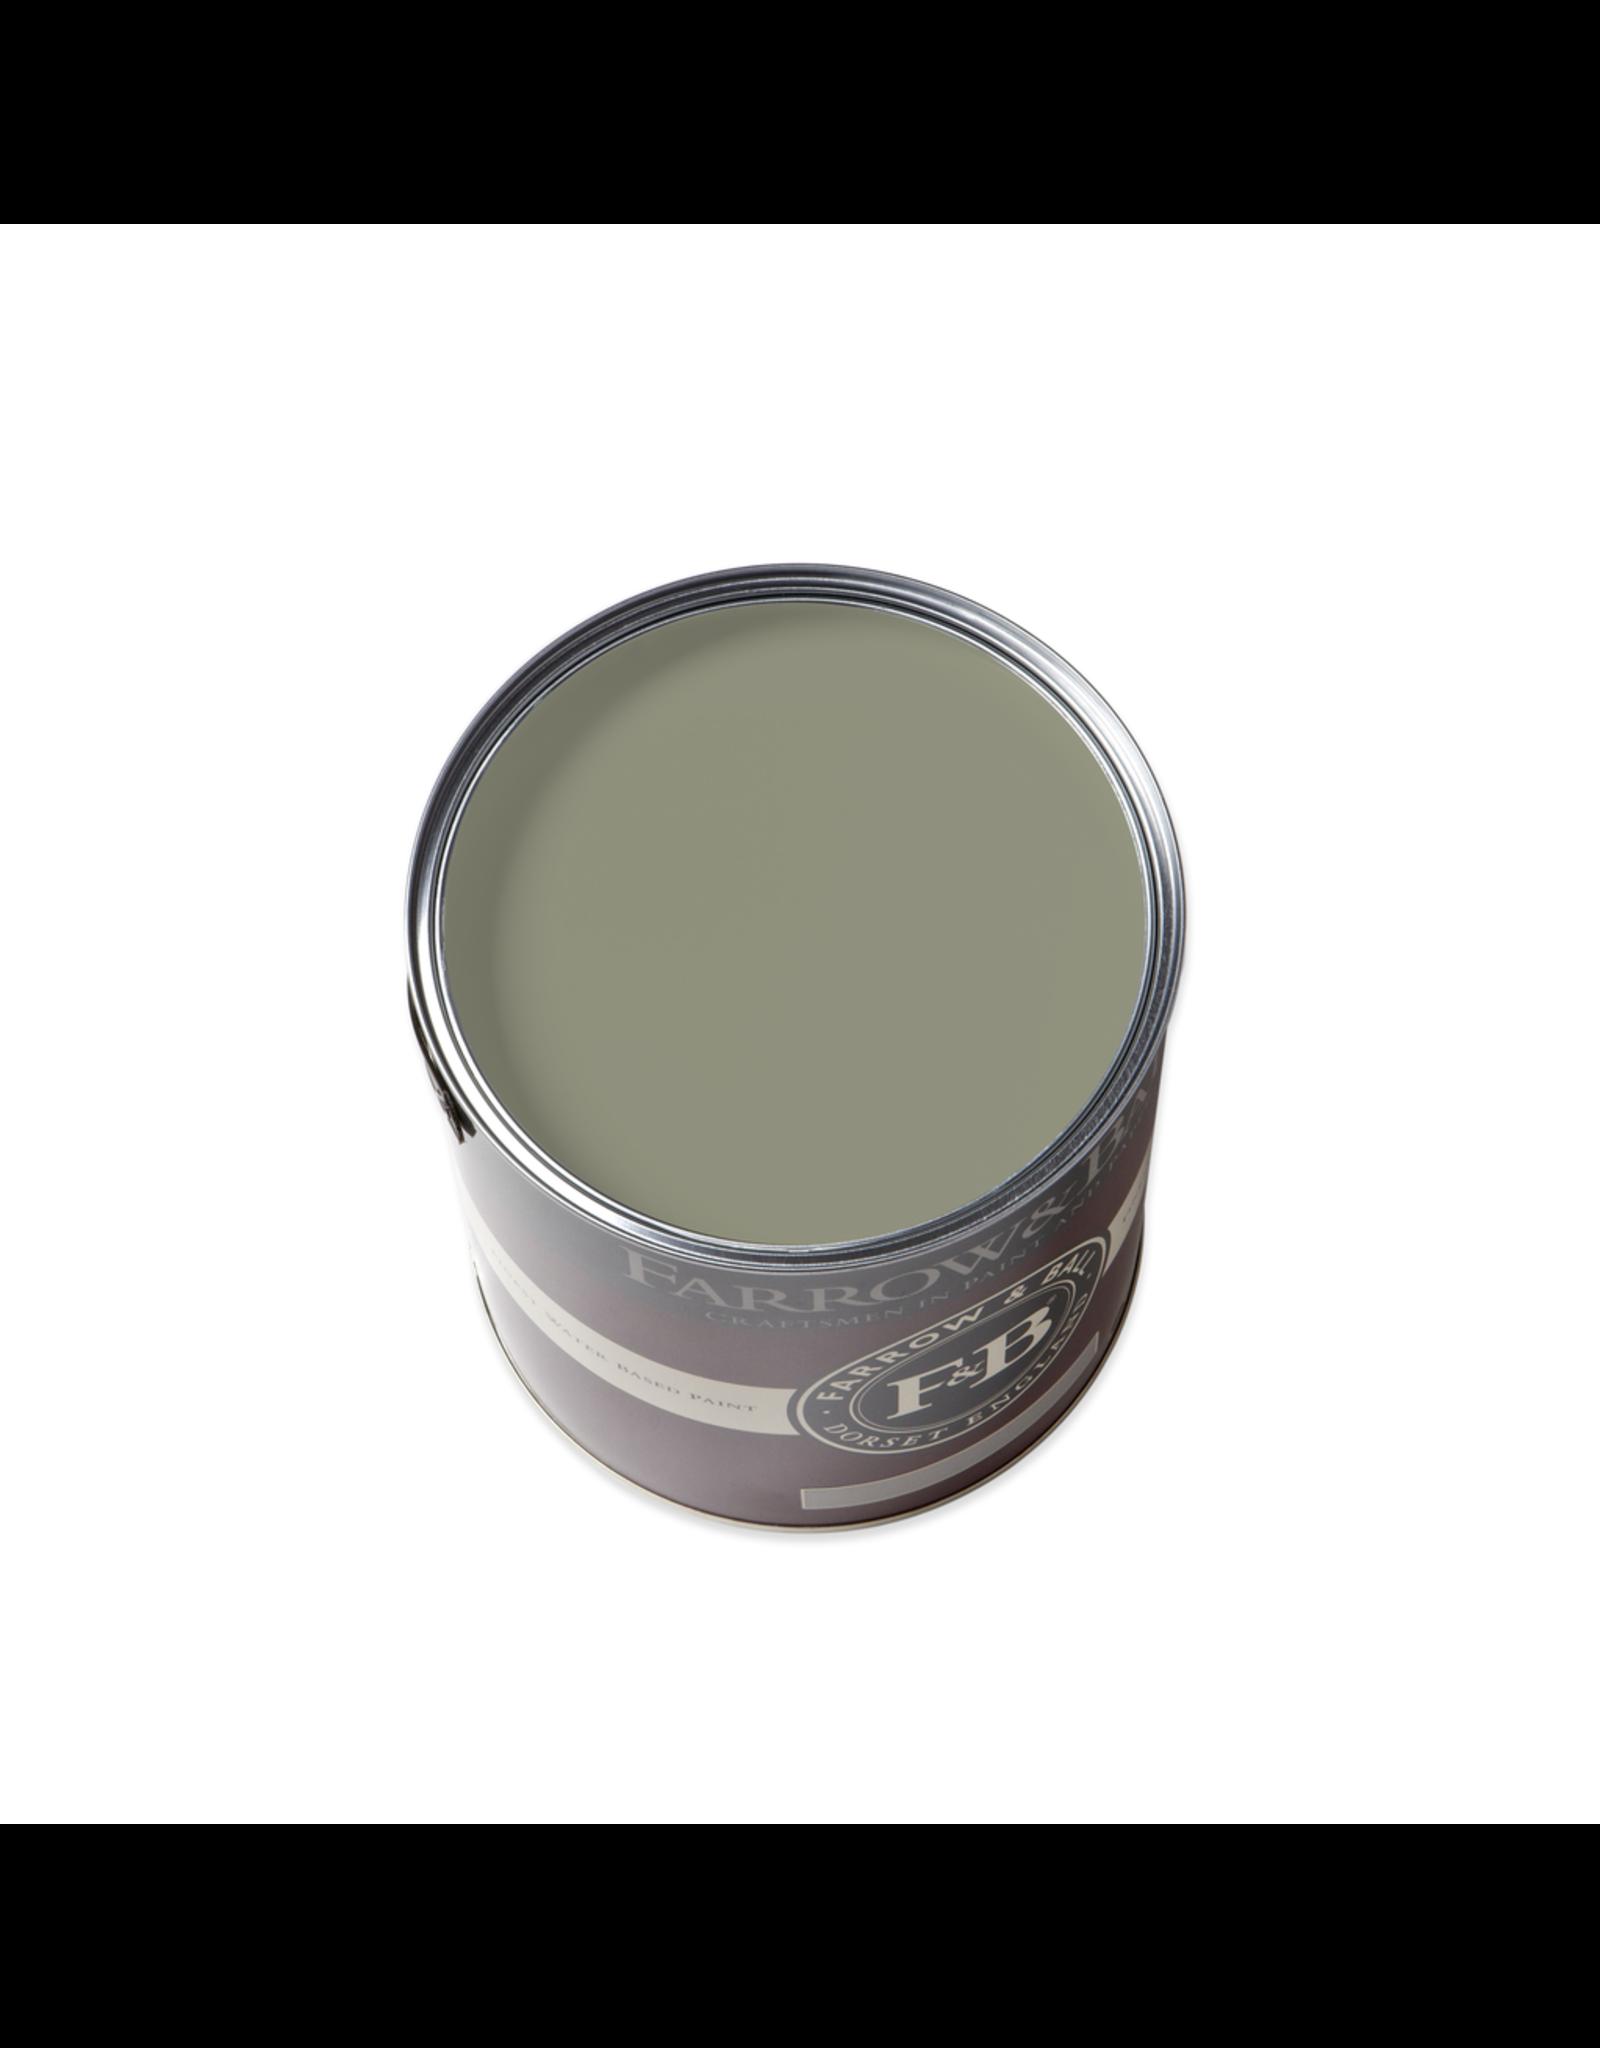 Farrow and Ball Gallon Modern Emulsion Lichen No. 19